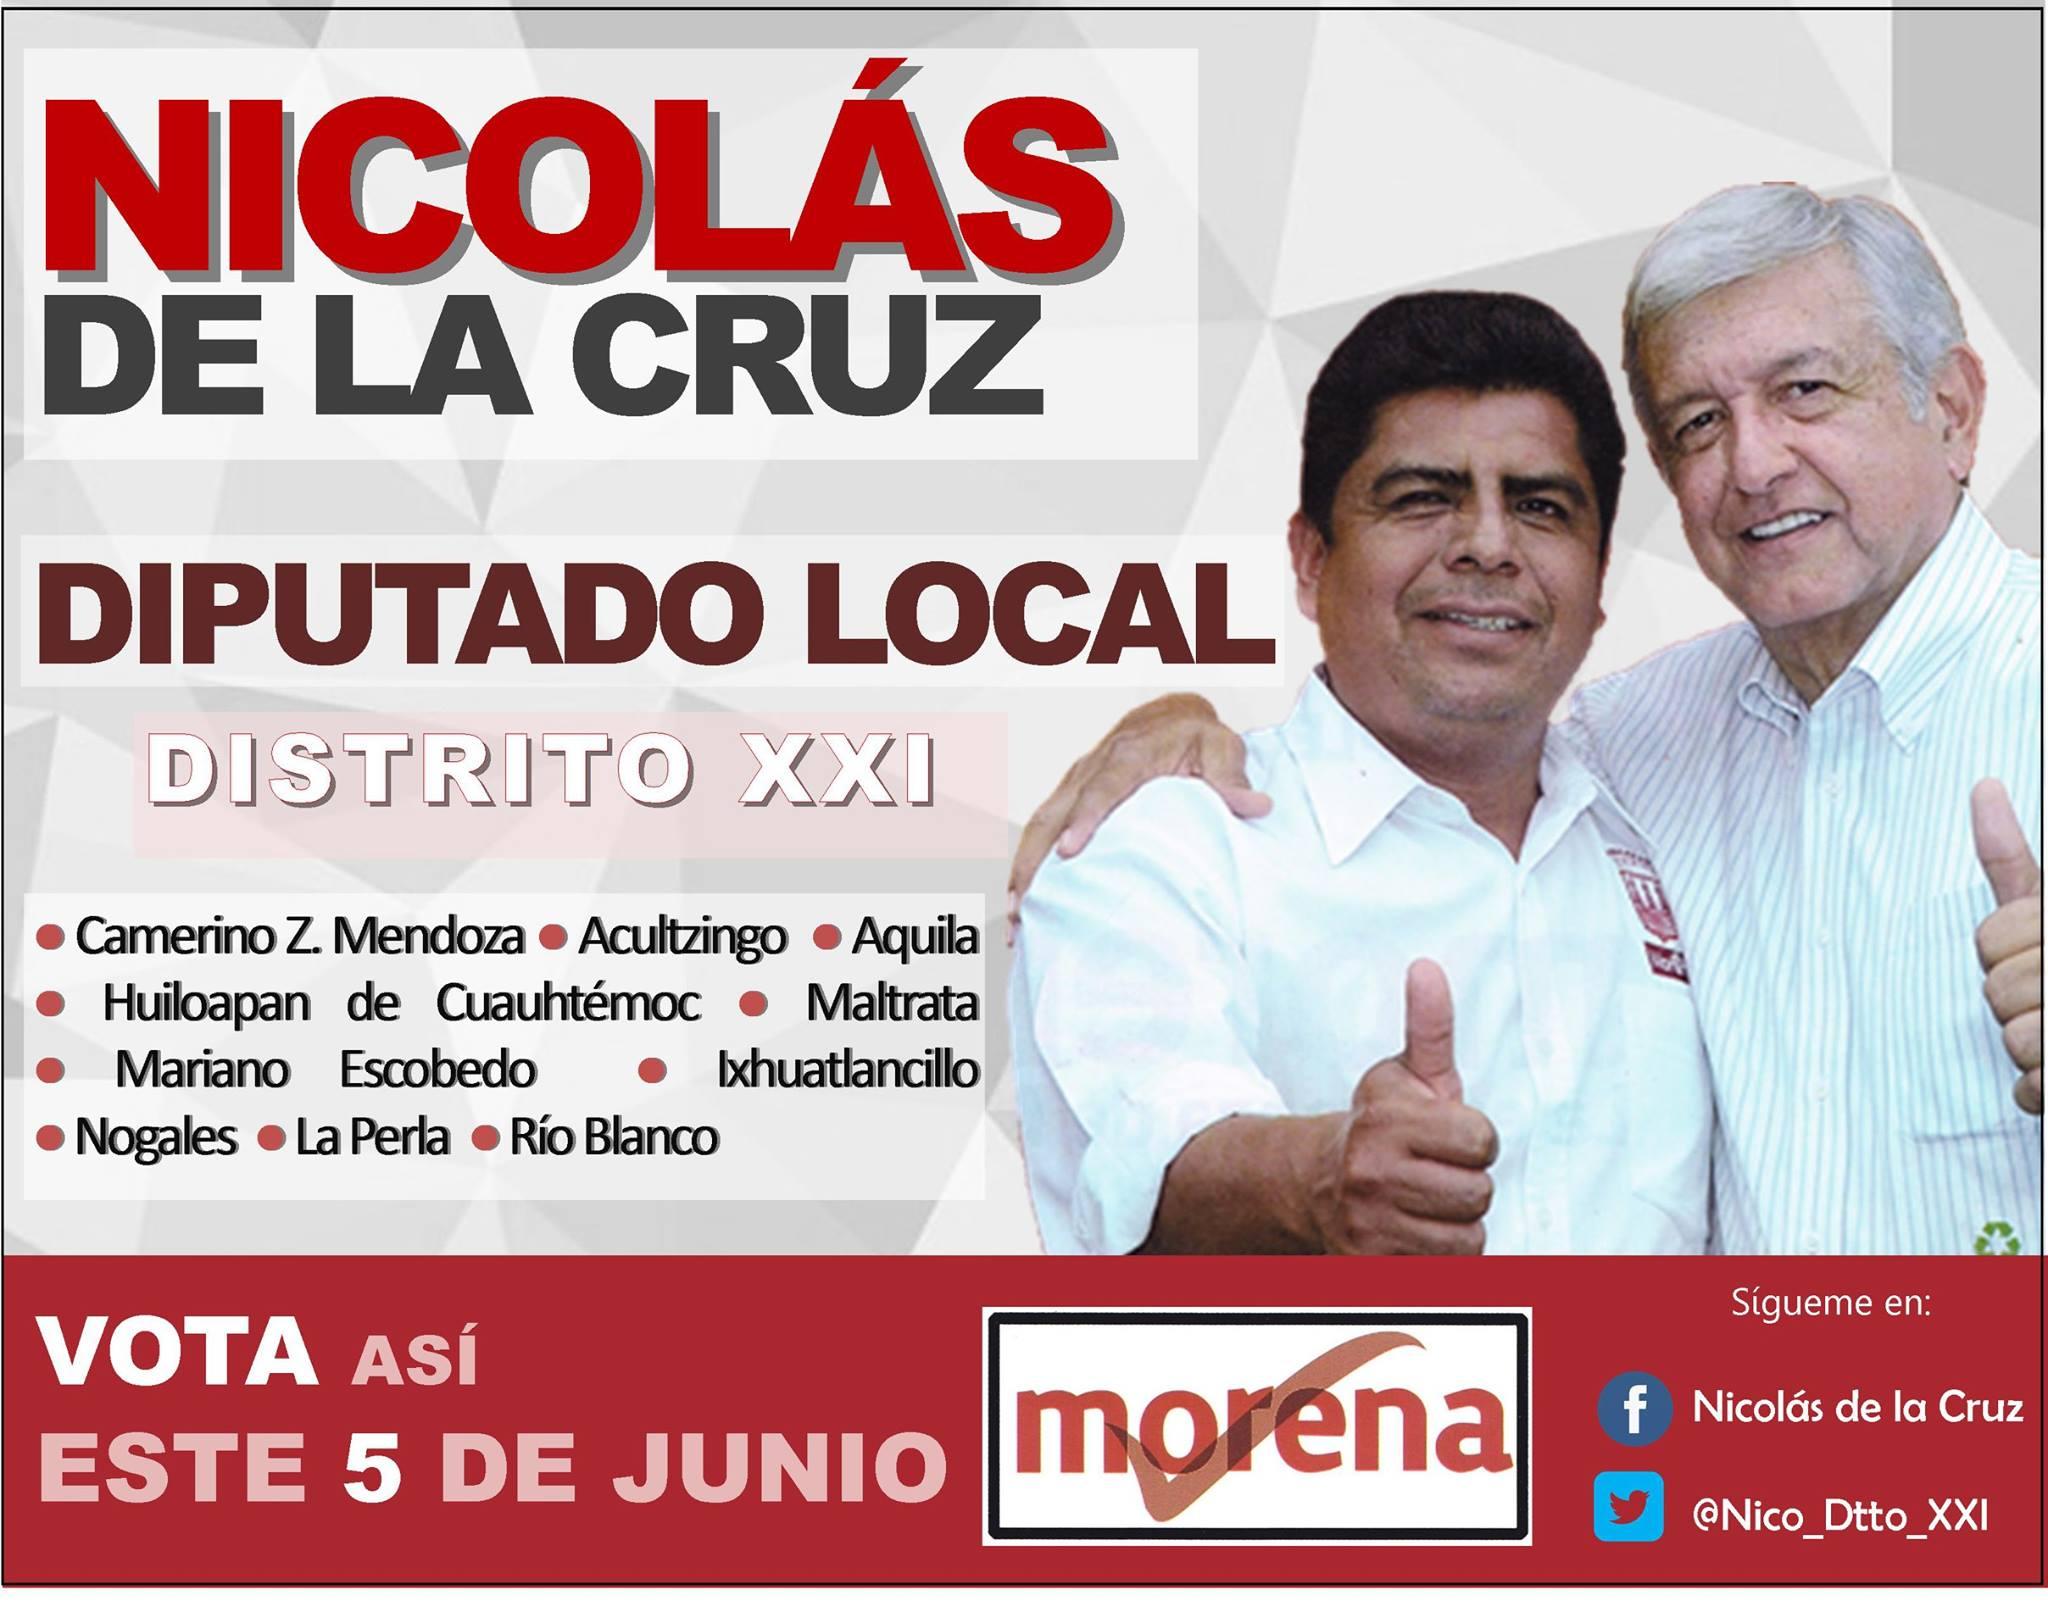 Seré un legislador cercano a la gente: Nicolás de la Cruz